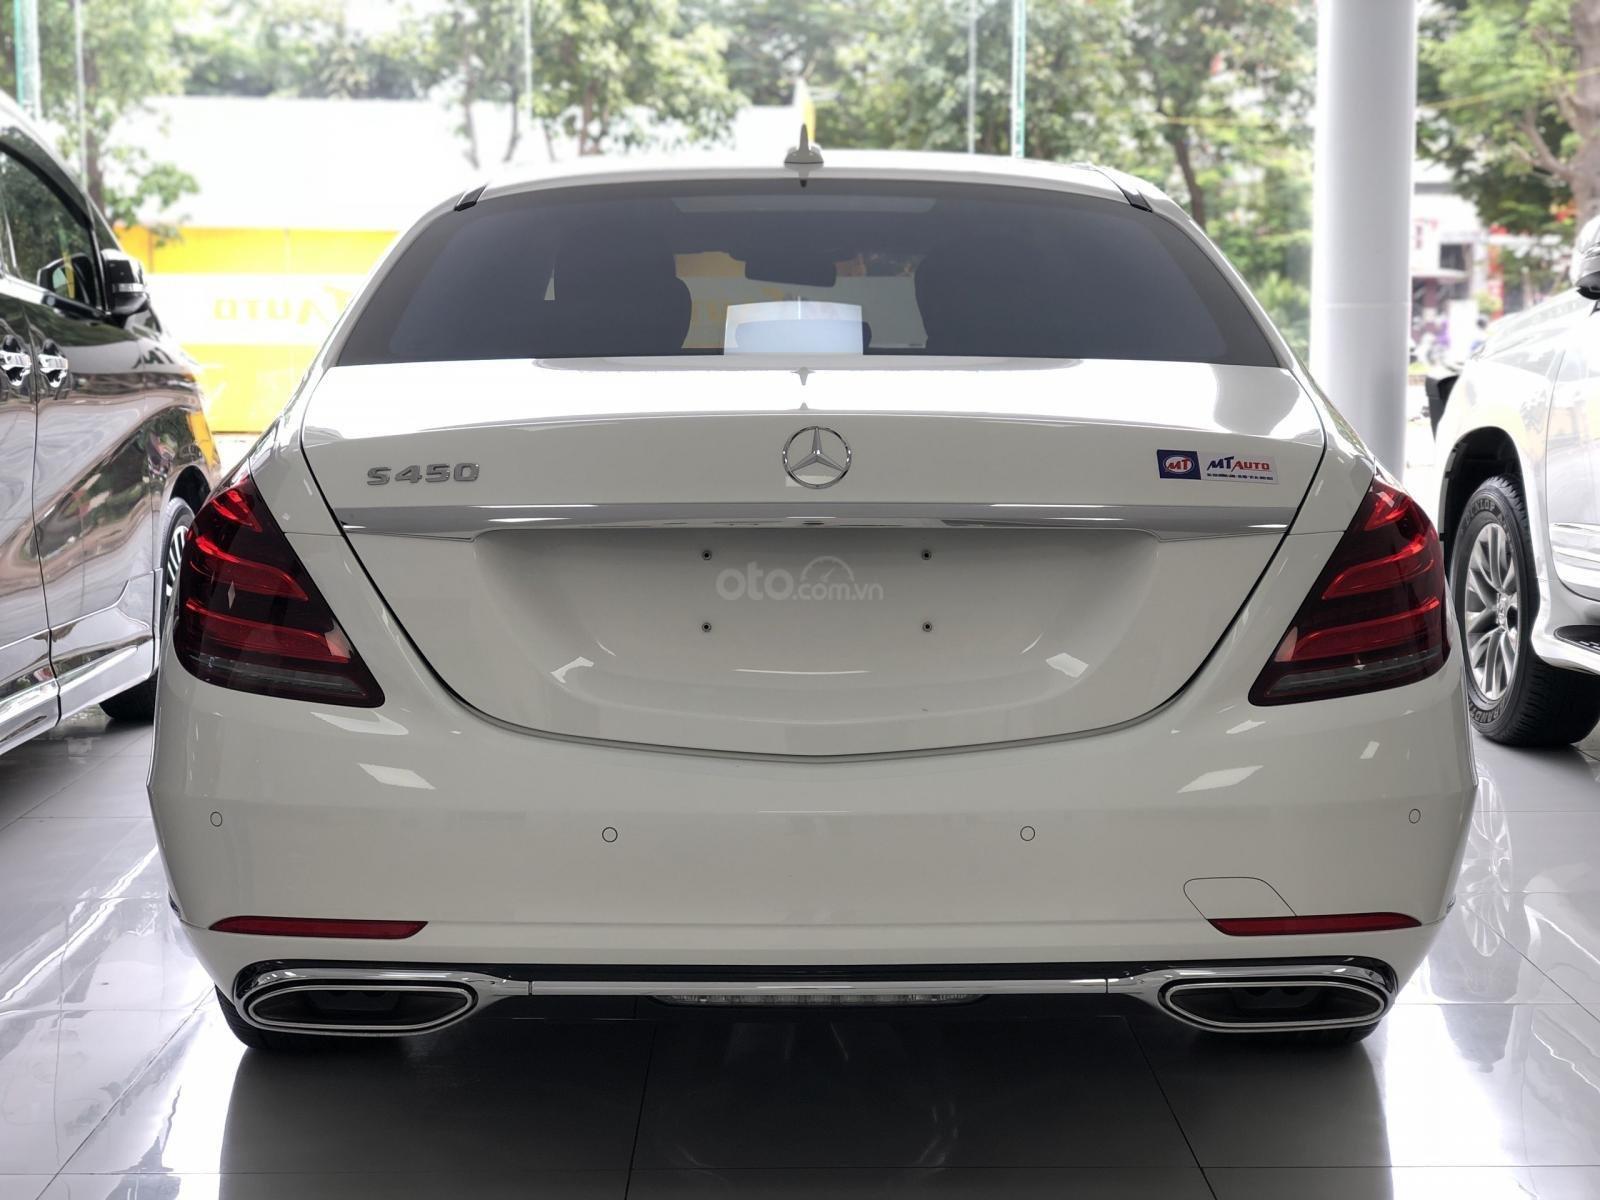 Bán xe Mercedes S450L đk lần đầu T3/ 2019, màu trắng, siêu lướt 5000km - LH: 0982.84.2838 (17)